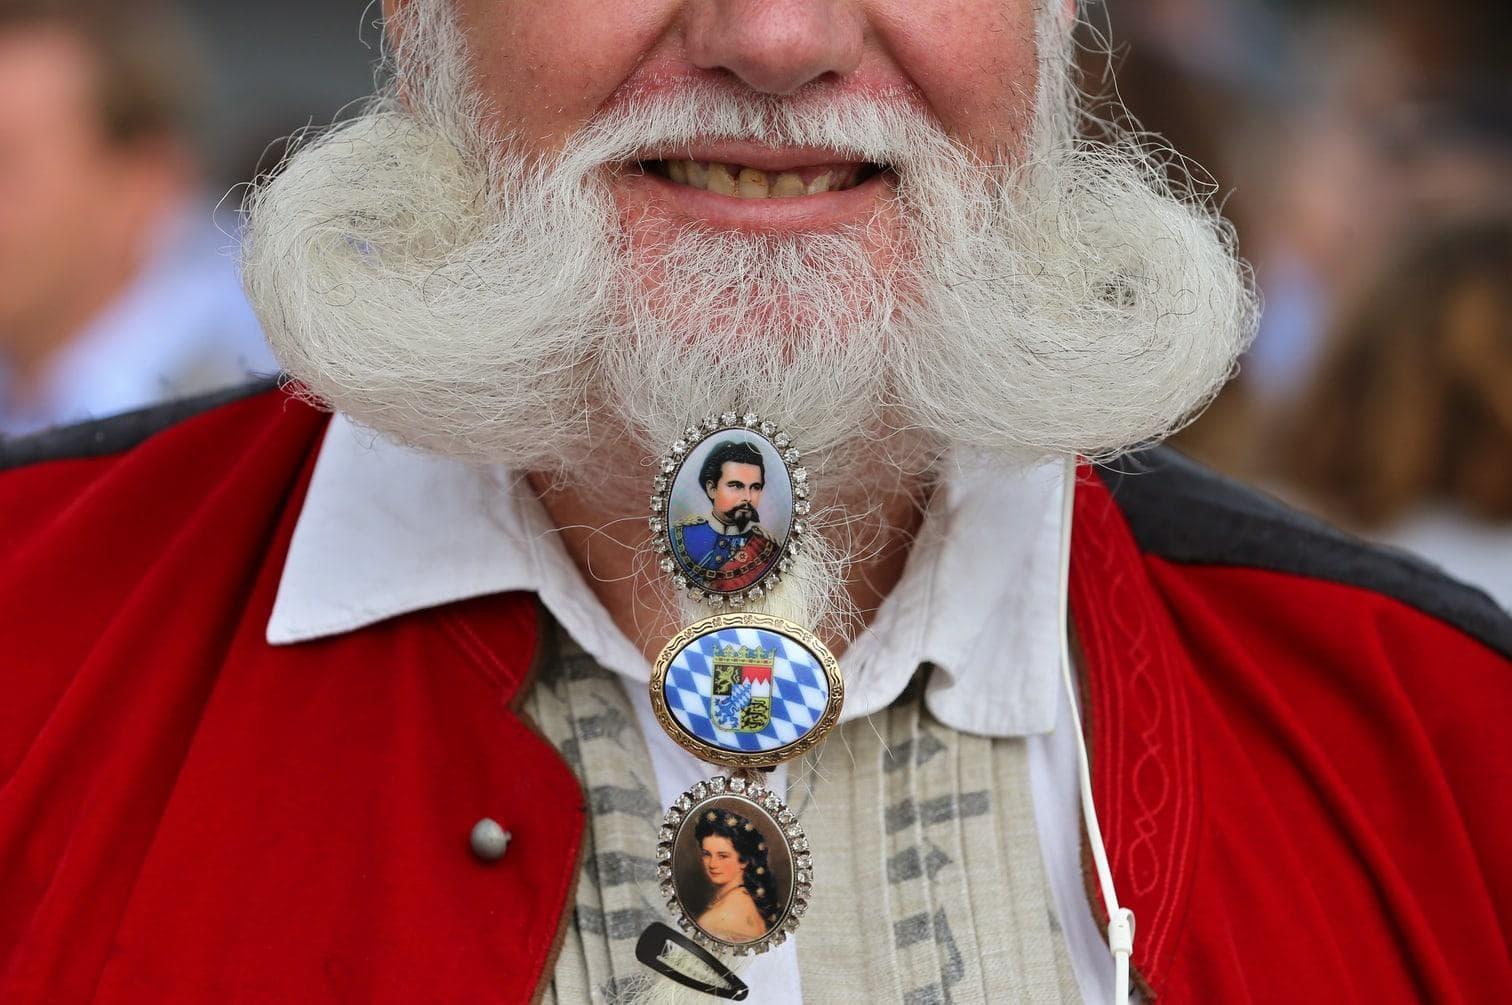 <p>Der Bartschmuck darf natürlich auch nicht fehlen.</p> Foto: dpa